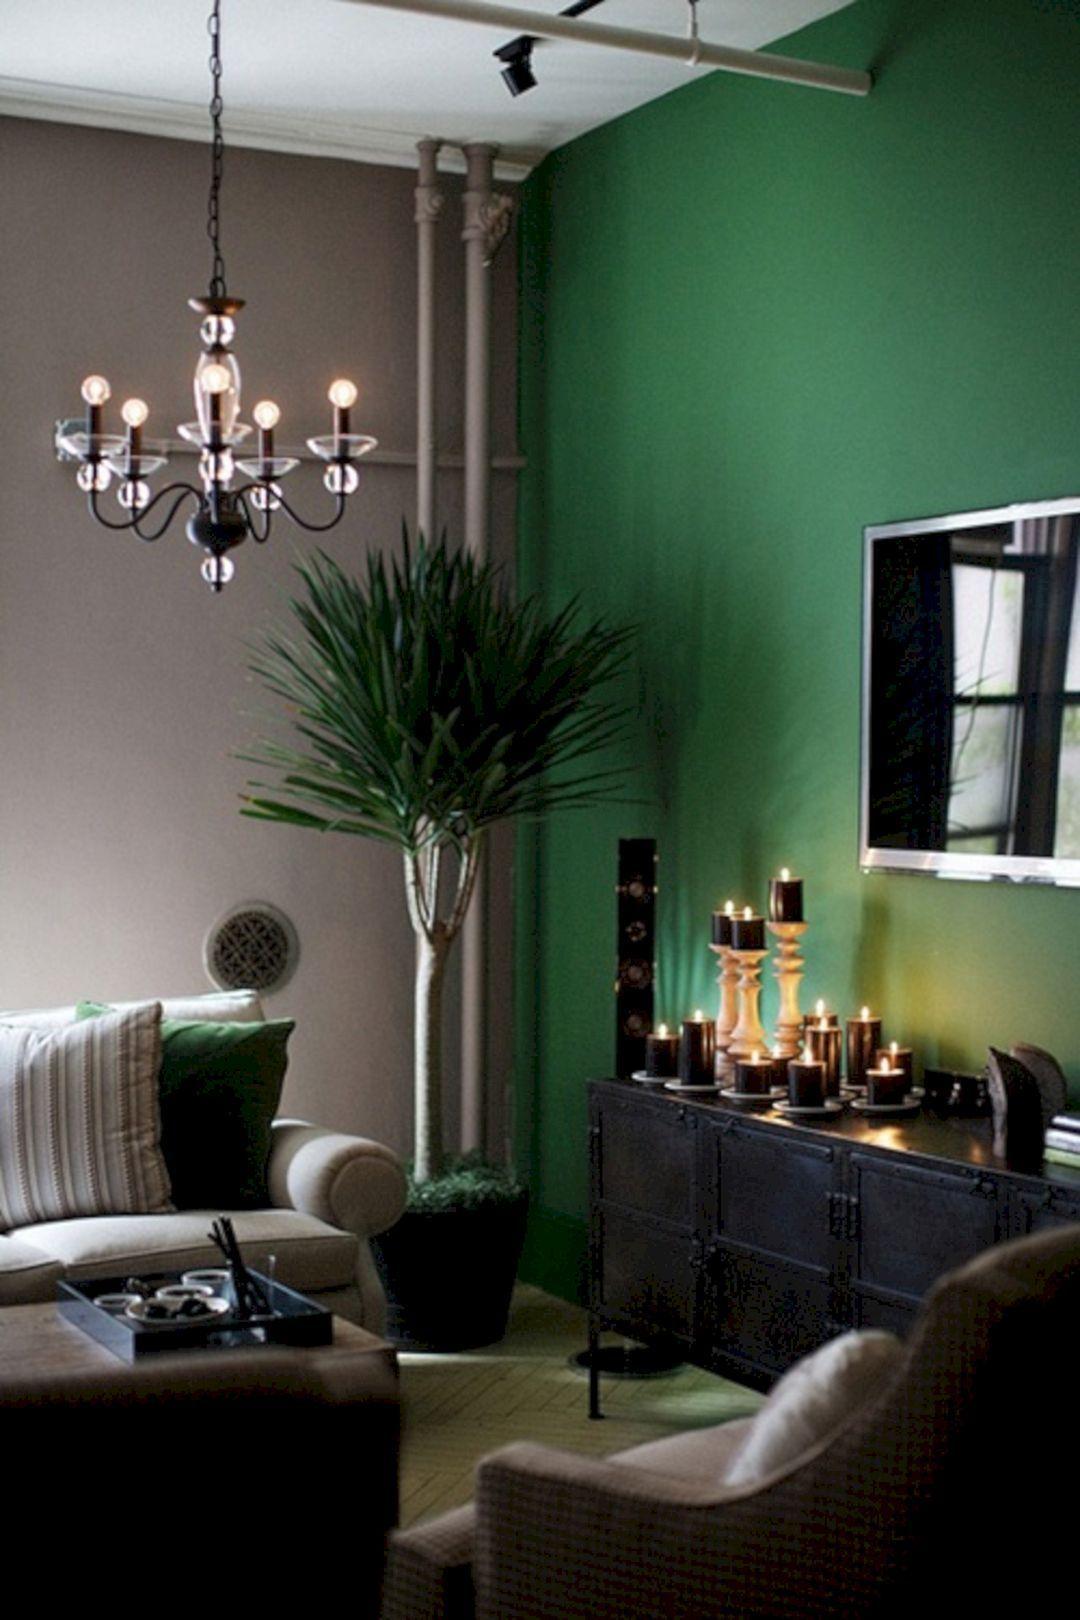 Wohnzimmer Farben Dunkelgrun Farbgestaltung Wohnzimmer Grune